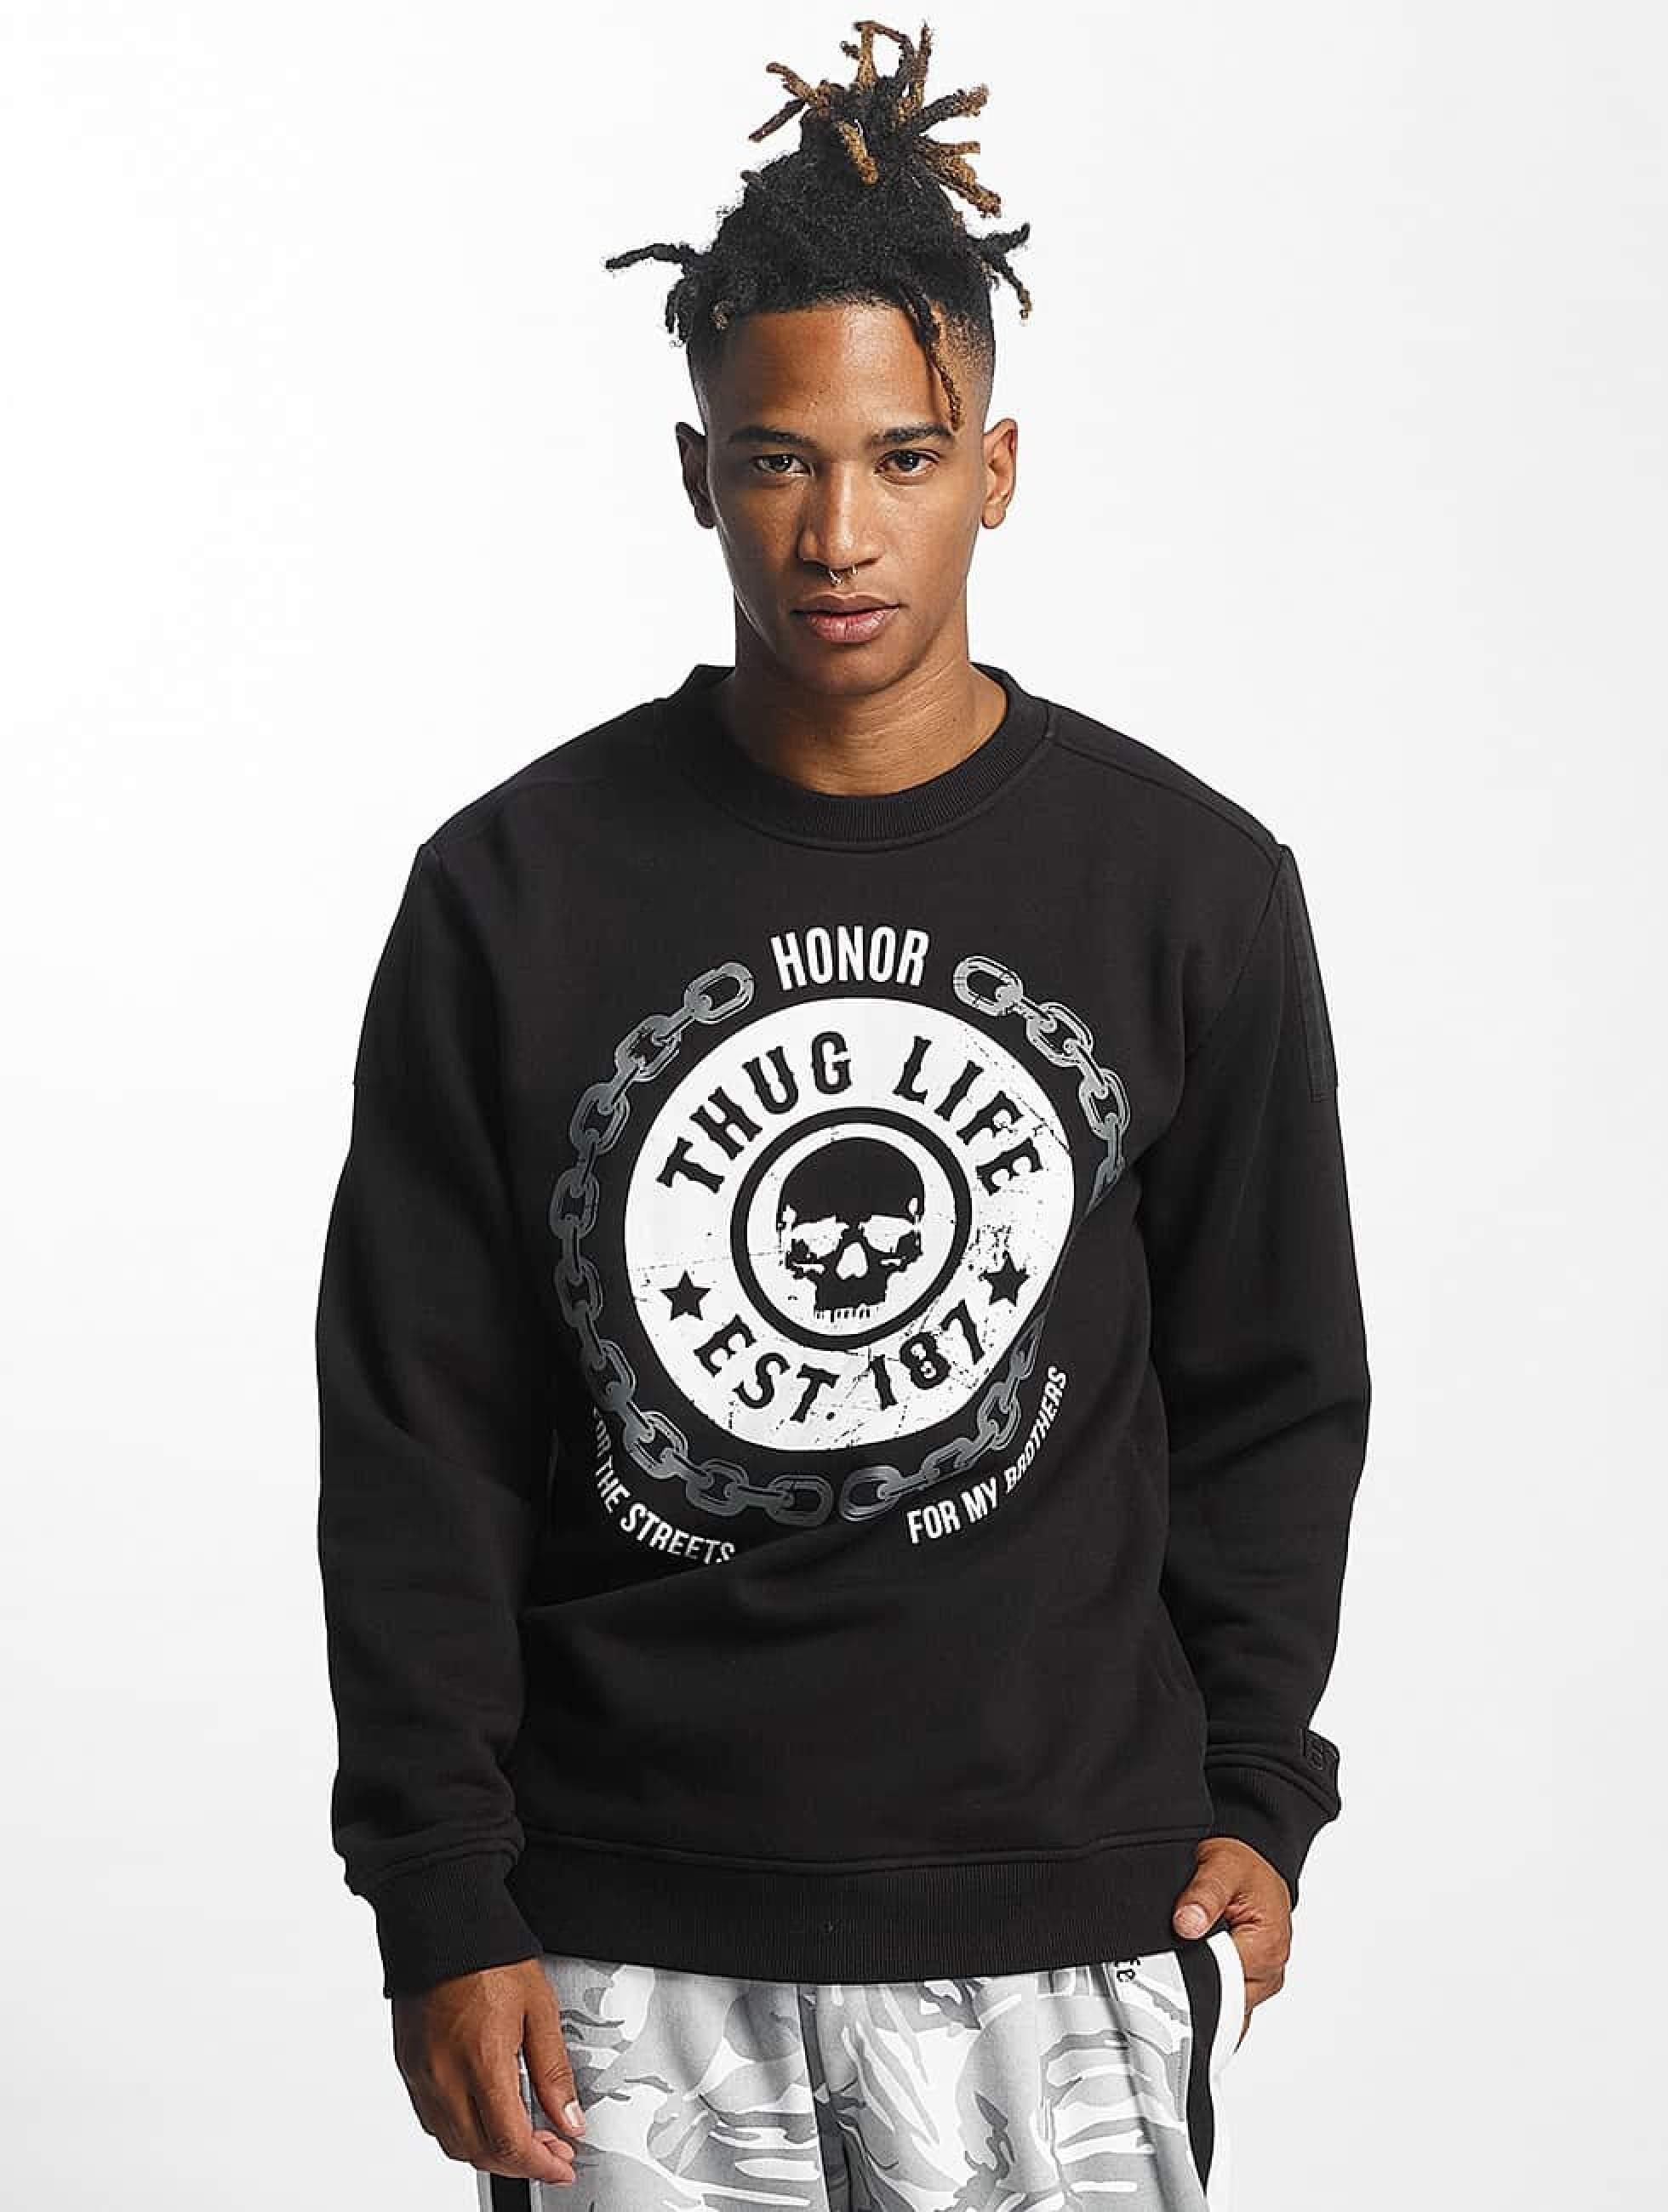 Thug Life / Jumper Barley in black 2XL